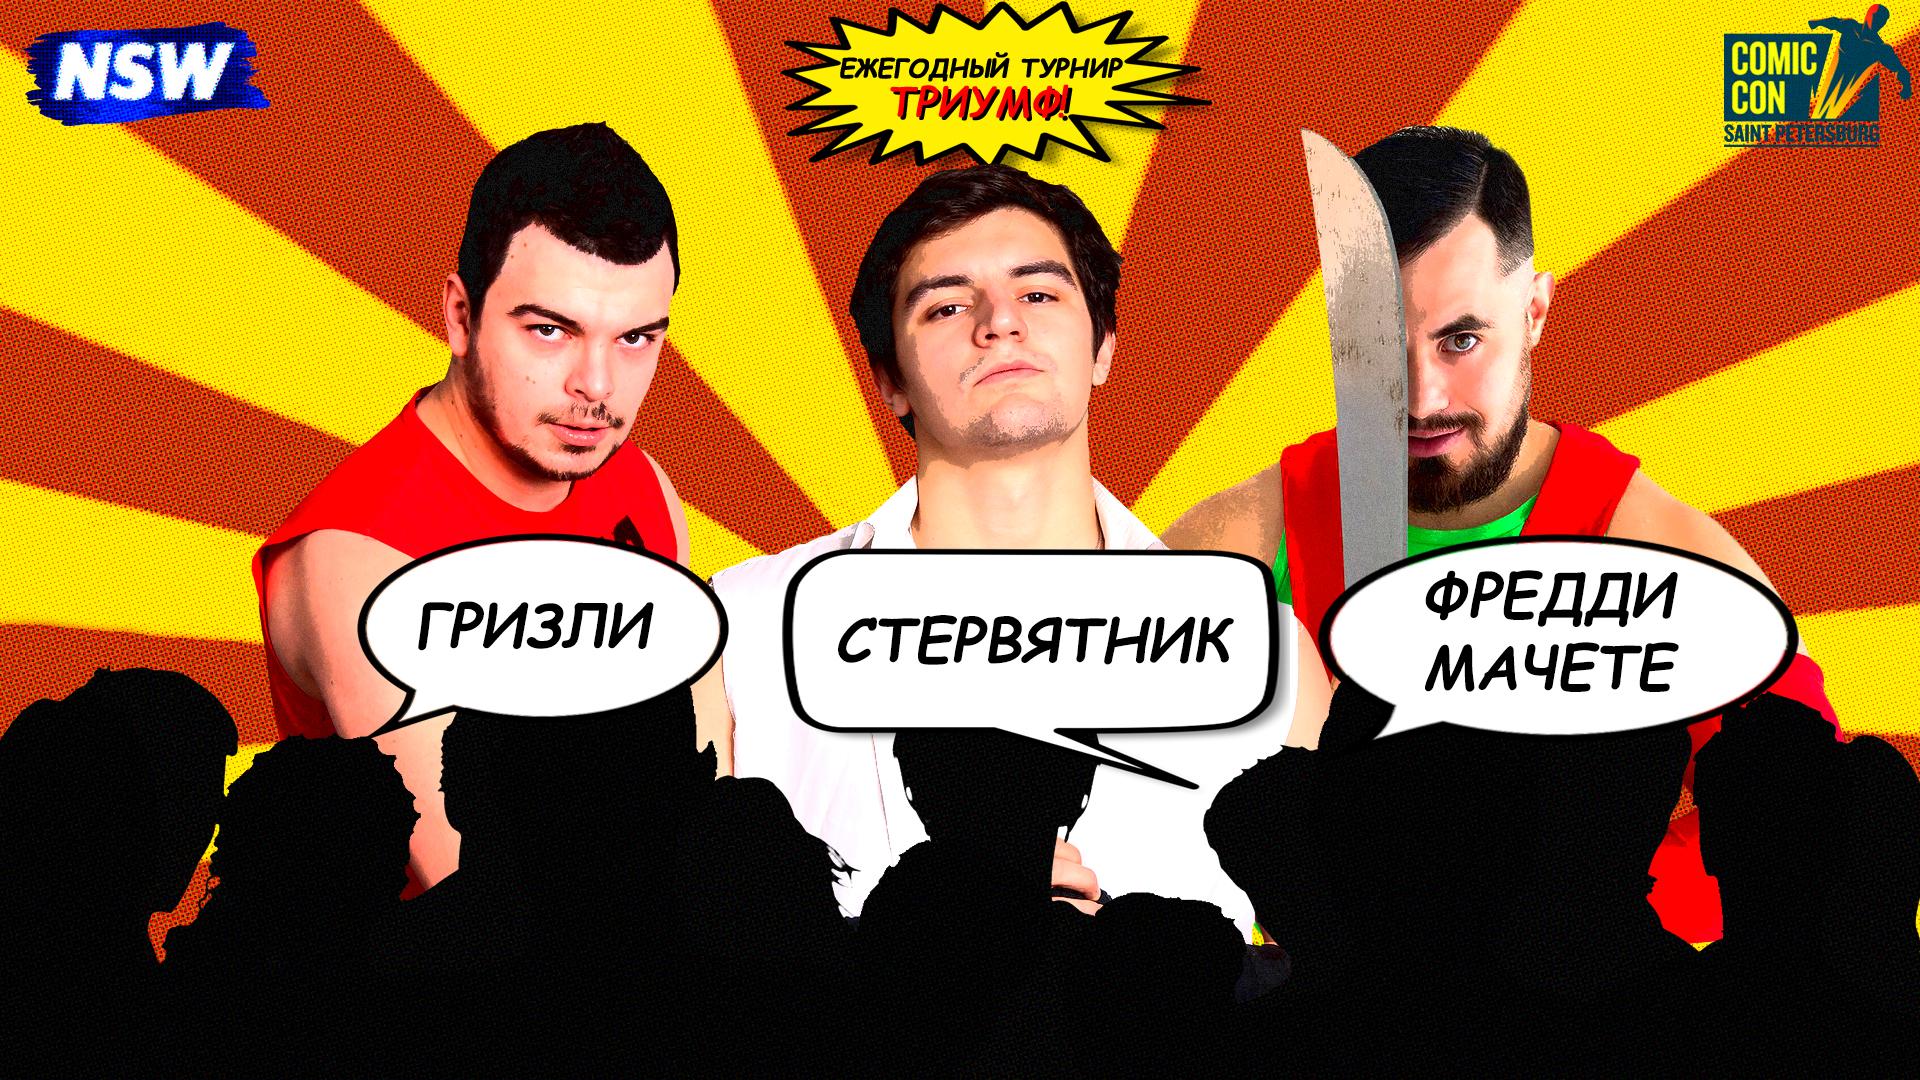 Турнир 'ТРИУМФ' - Команда - Стервятник, Гризли и Фредди Мачете